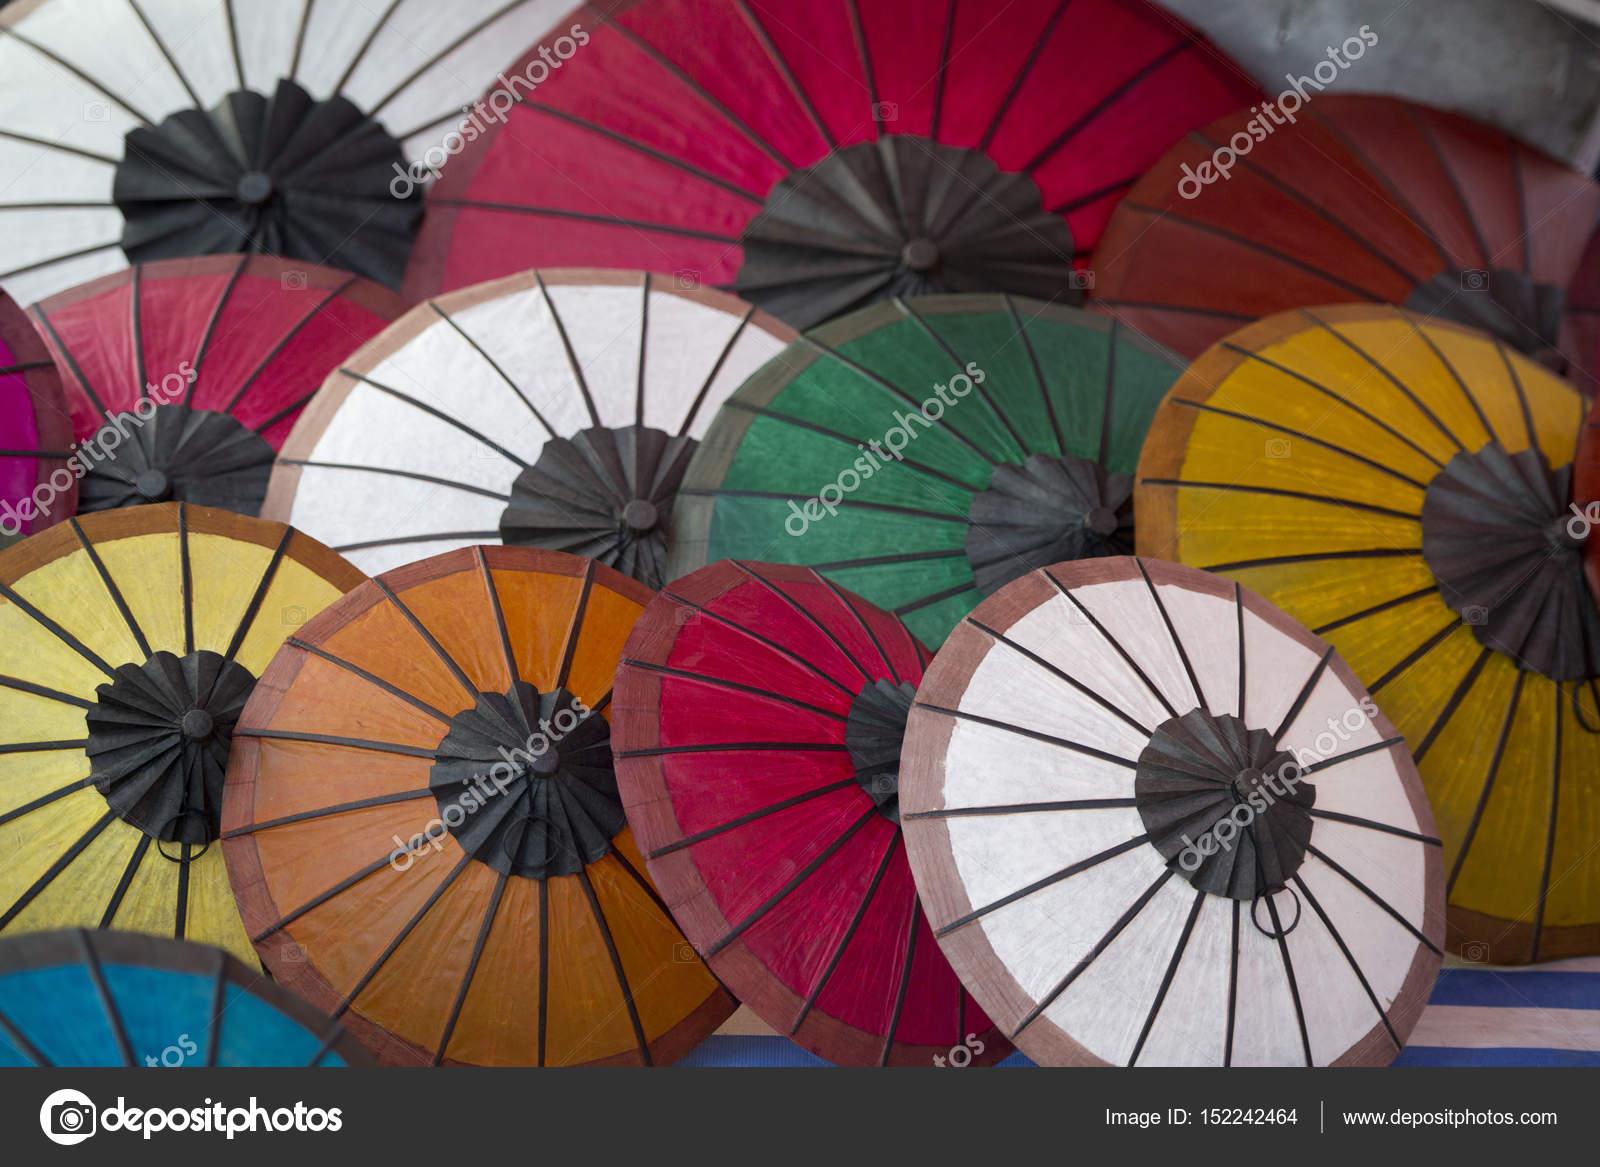 Asiatische Sonnenschirme asiatische sonnenschirme auf dem nachtmarkt stockfoto urf 152242464